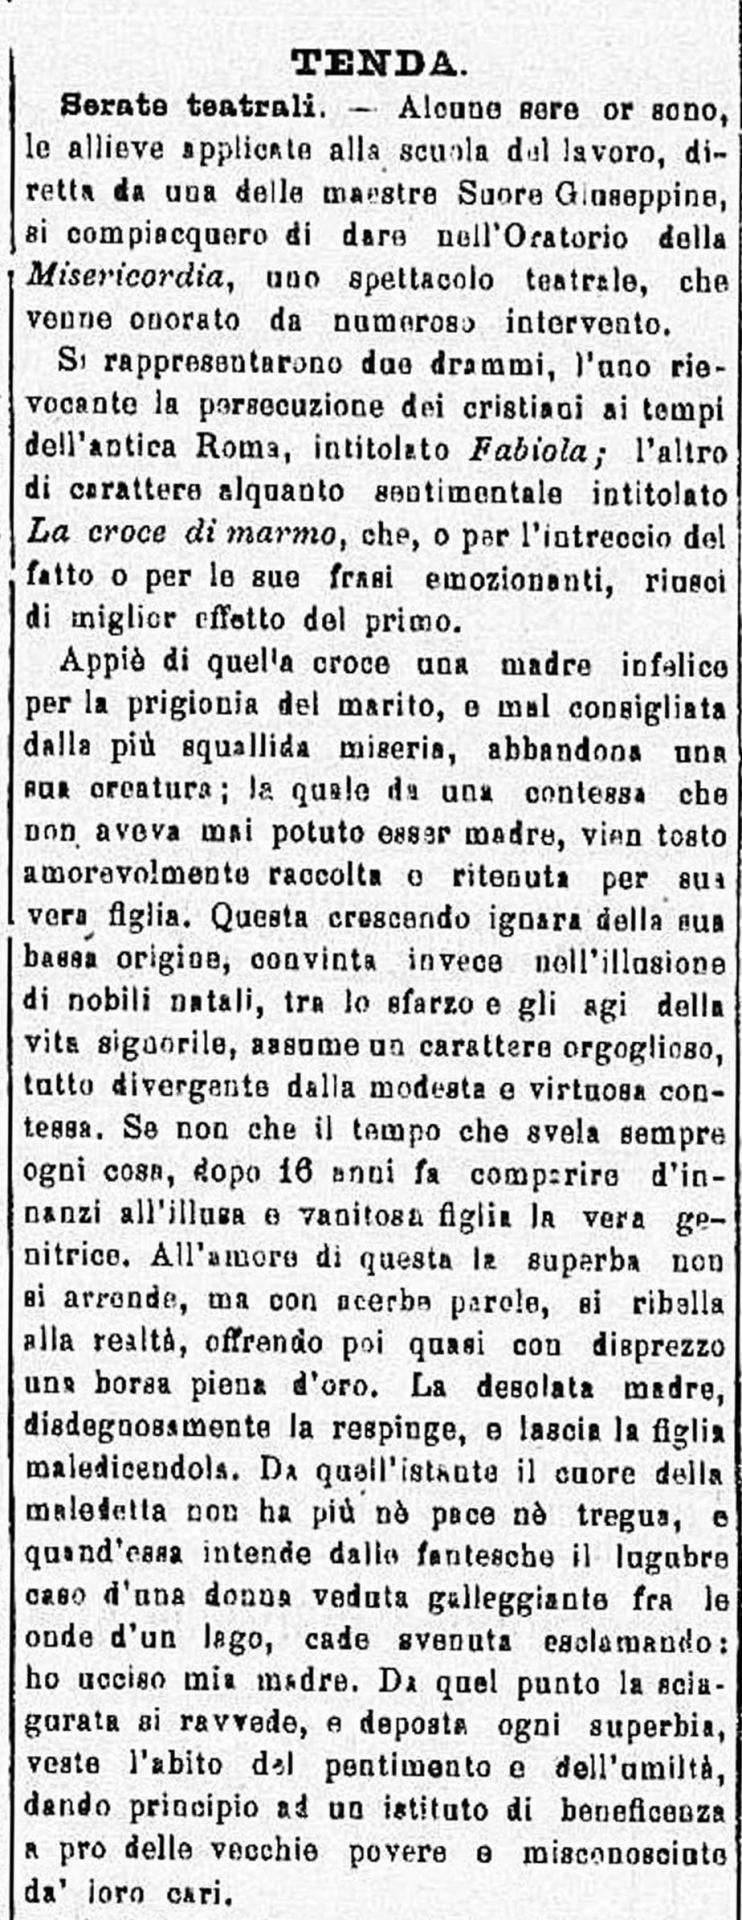 97 du 24 4 1912 a